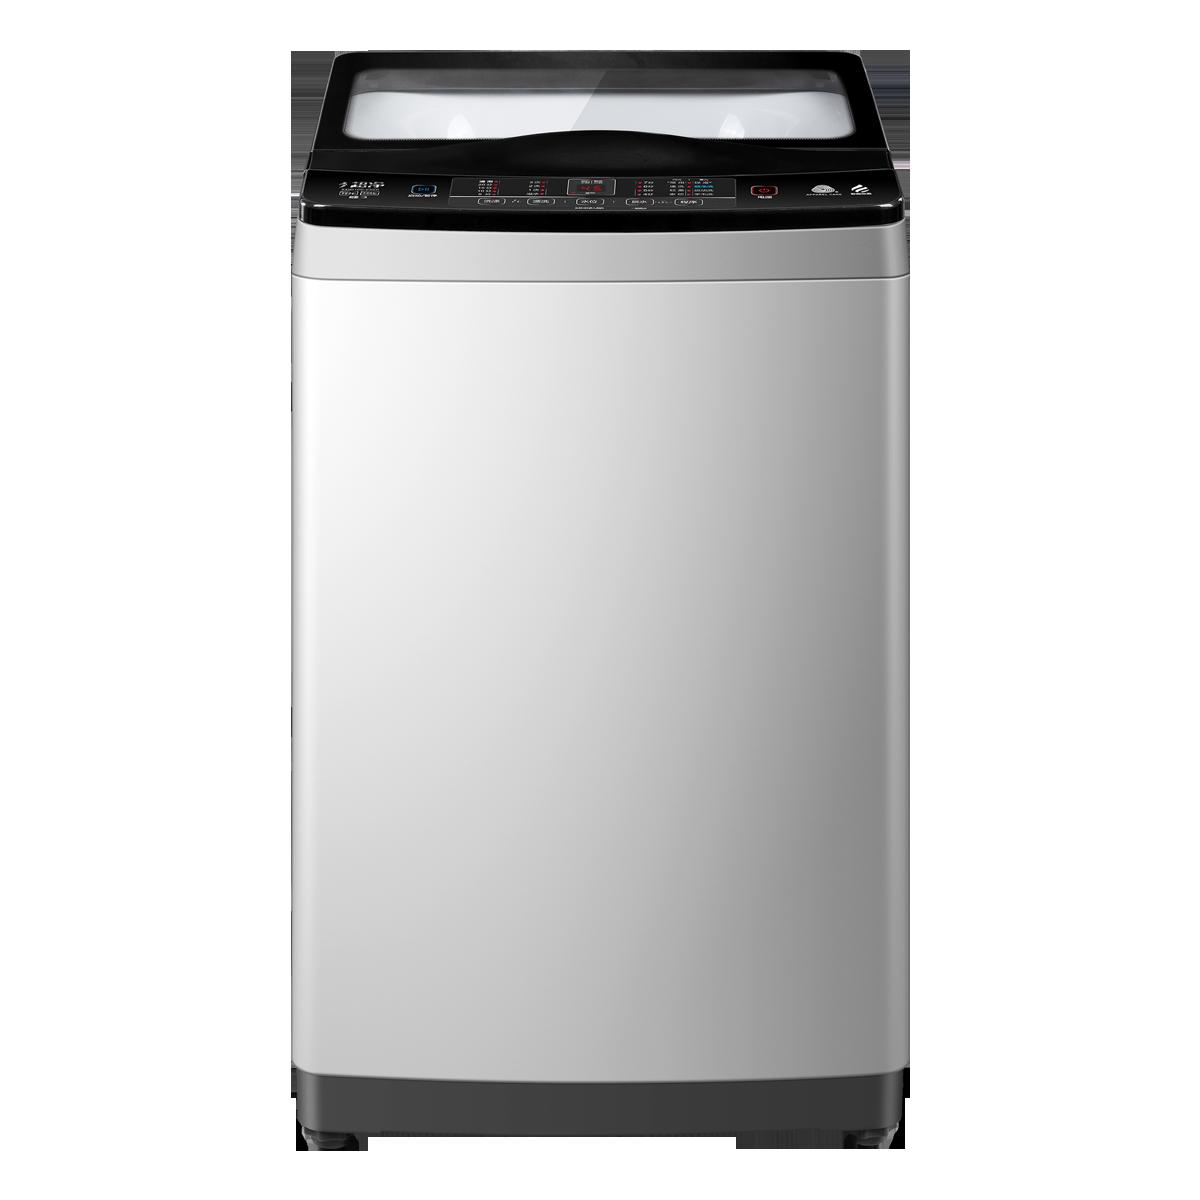 海尔Haier洗衣机 XQB100-Z926 说明书